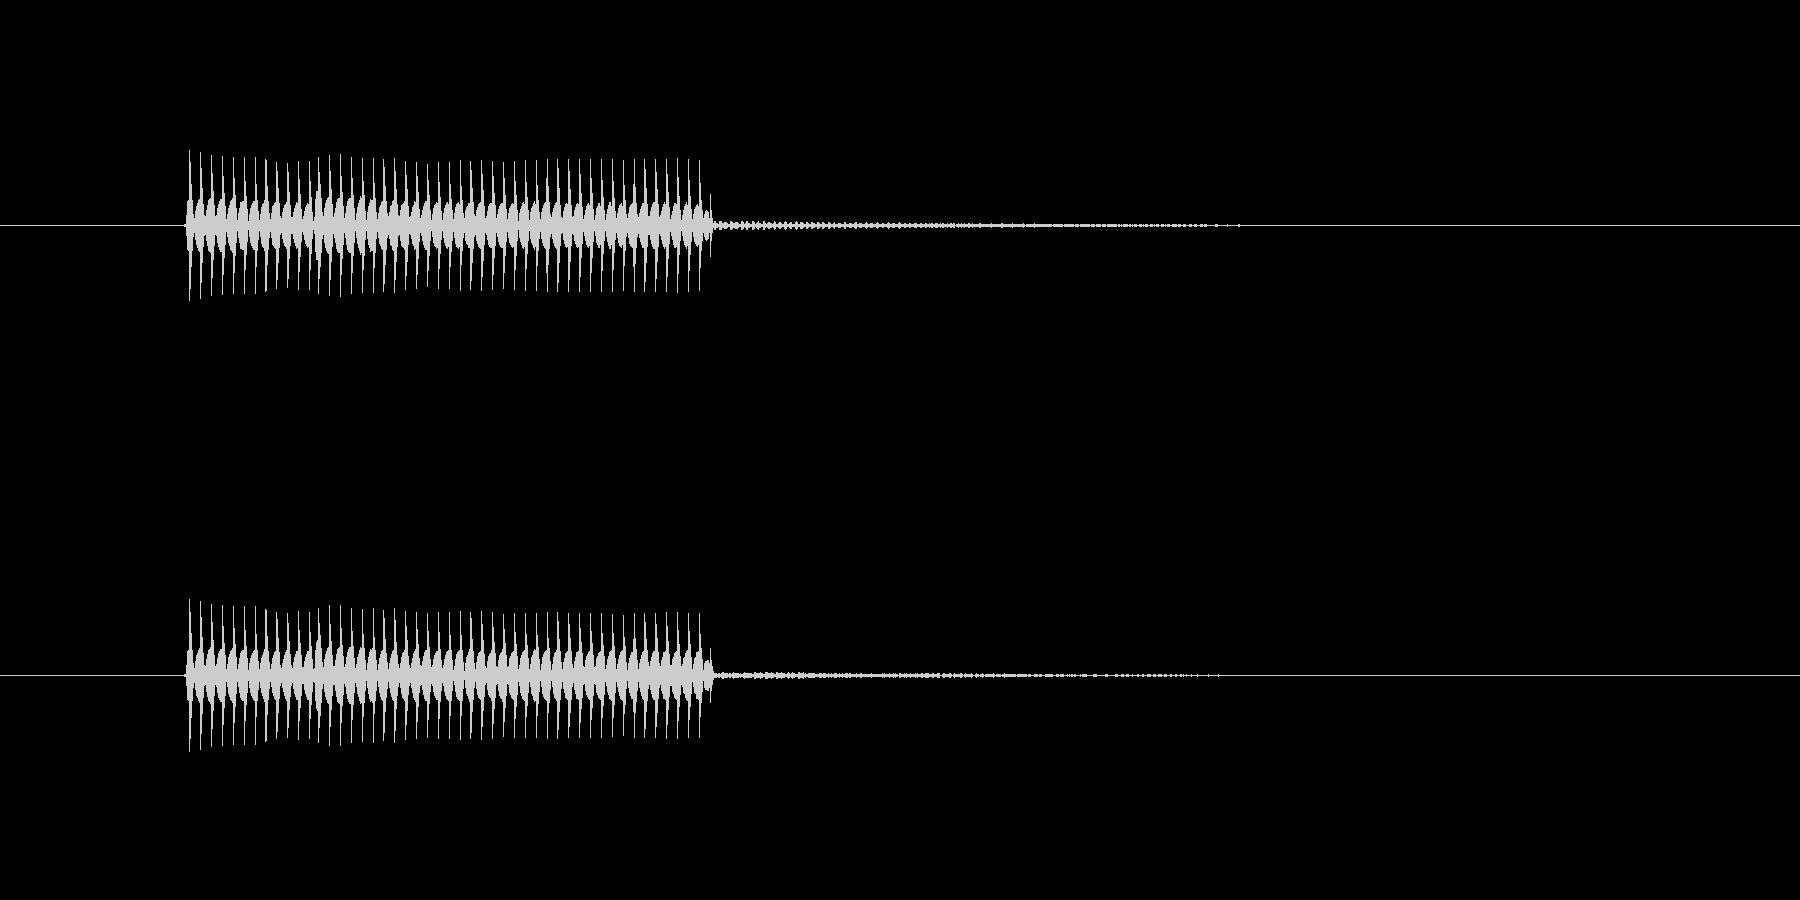 クイズ不正解音(ブブー)2の未再生の波形